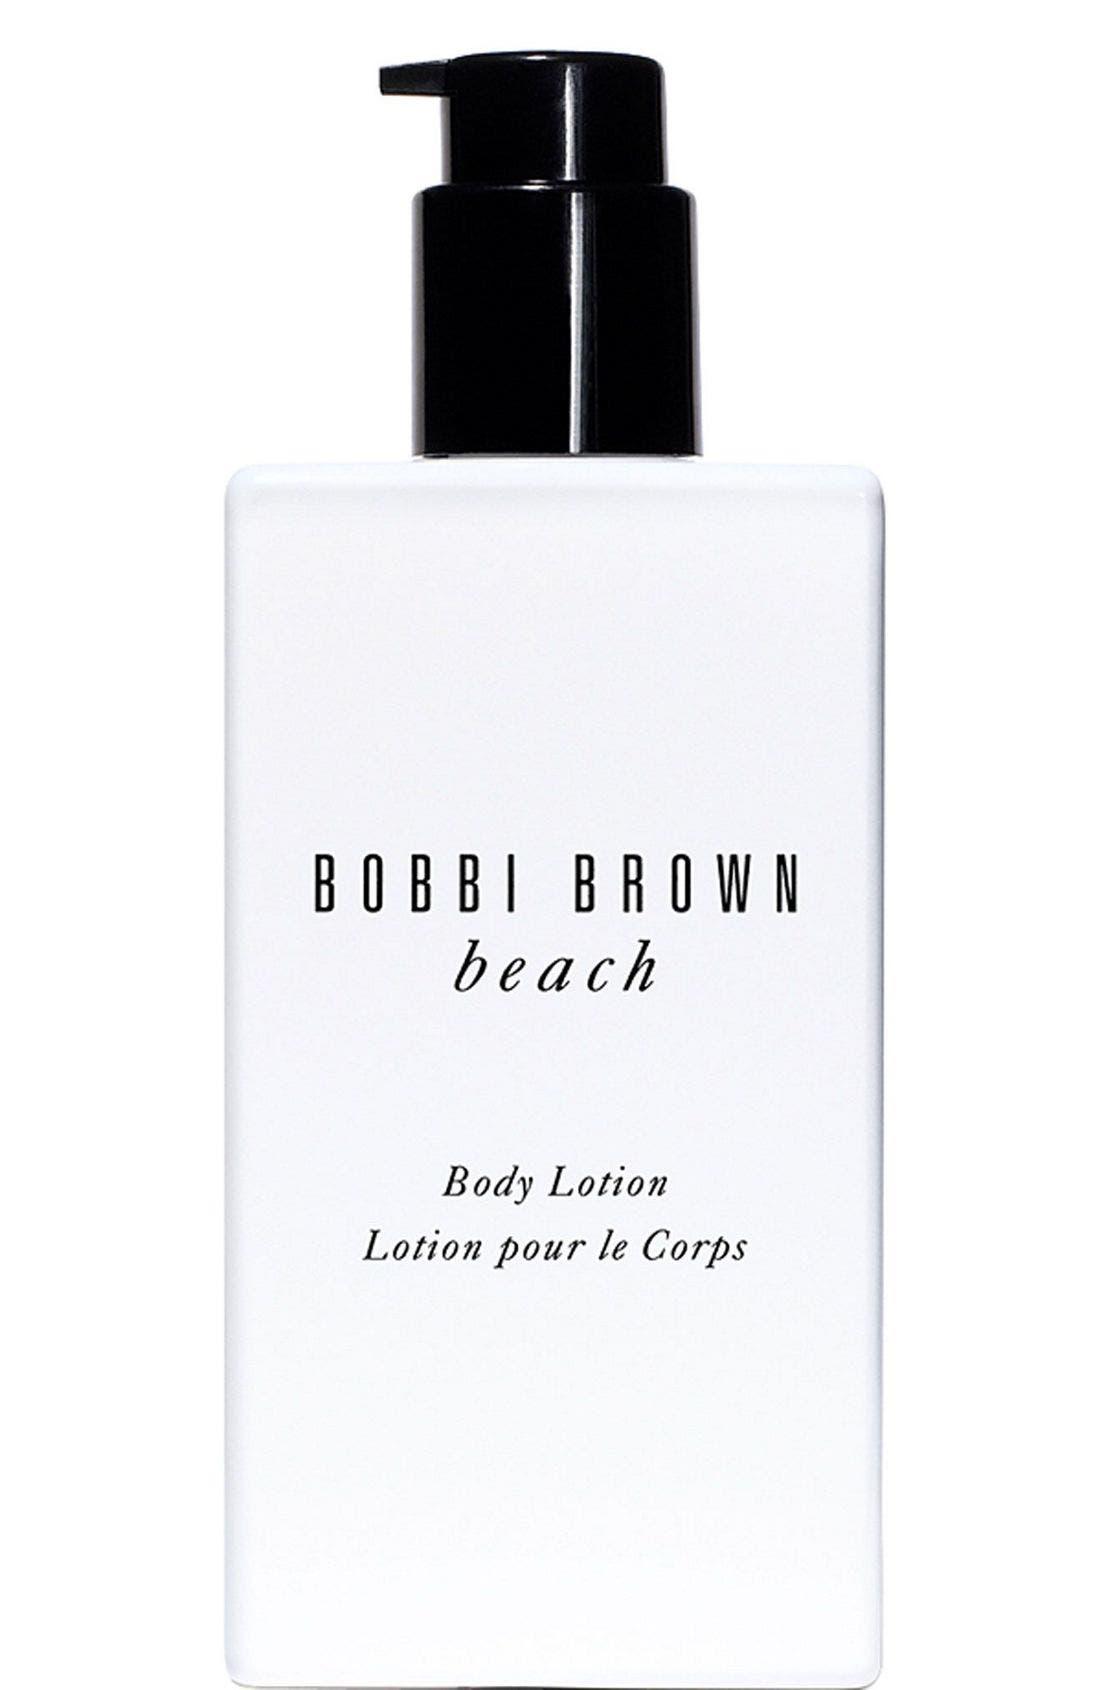 Bobbi Brown 'beach' Body Lotion